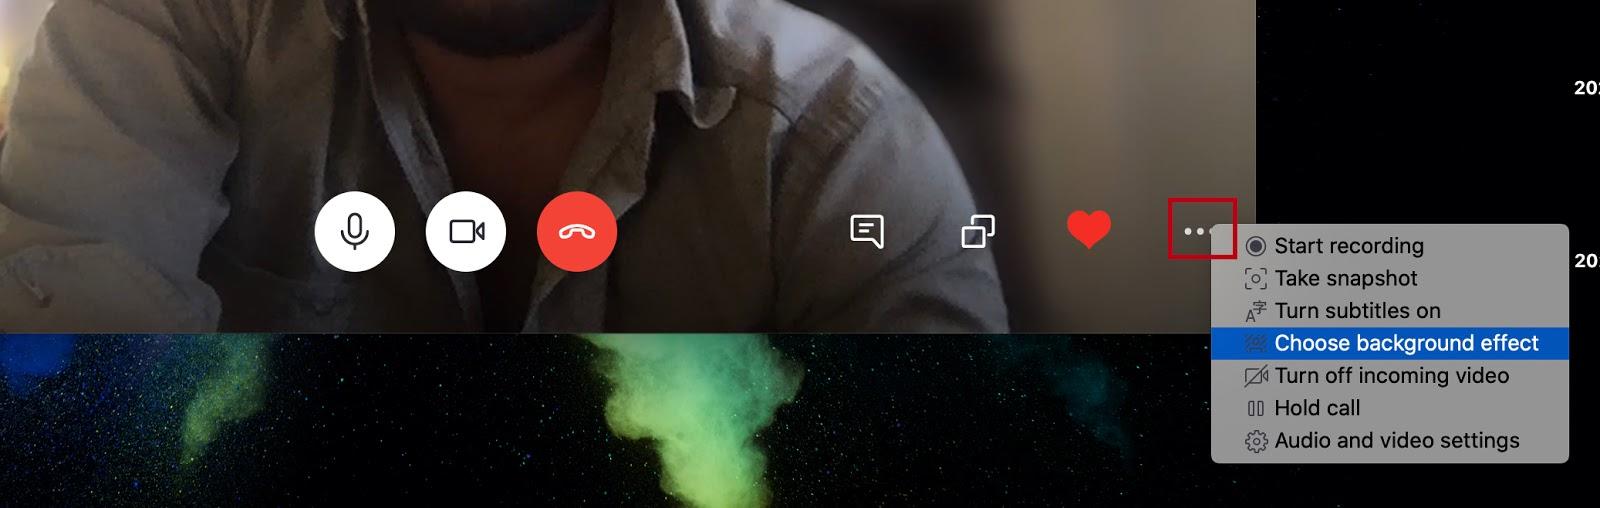 Skype Messenger Add BG